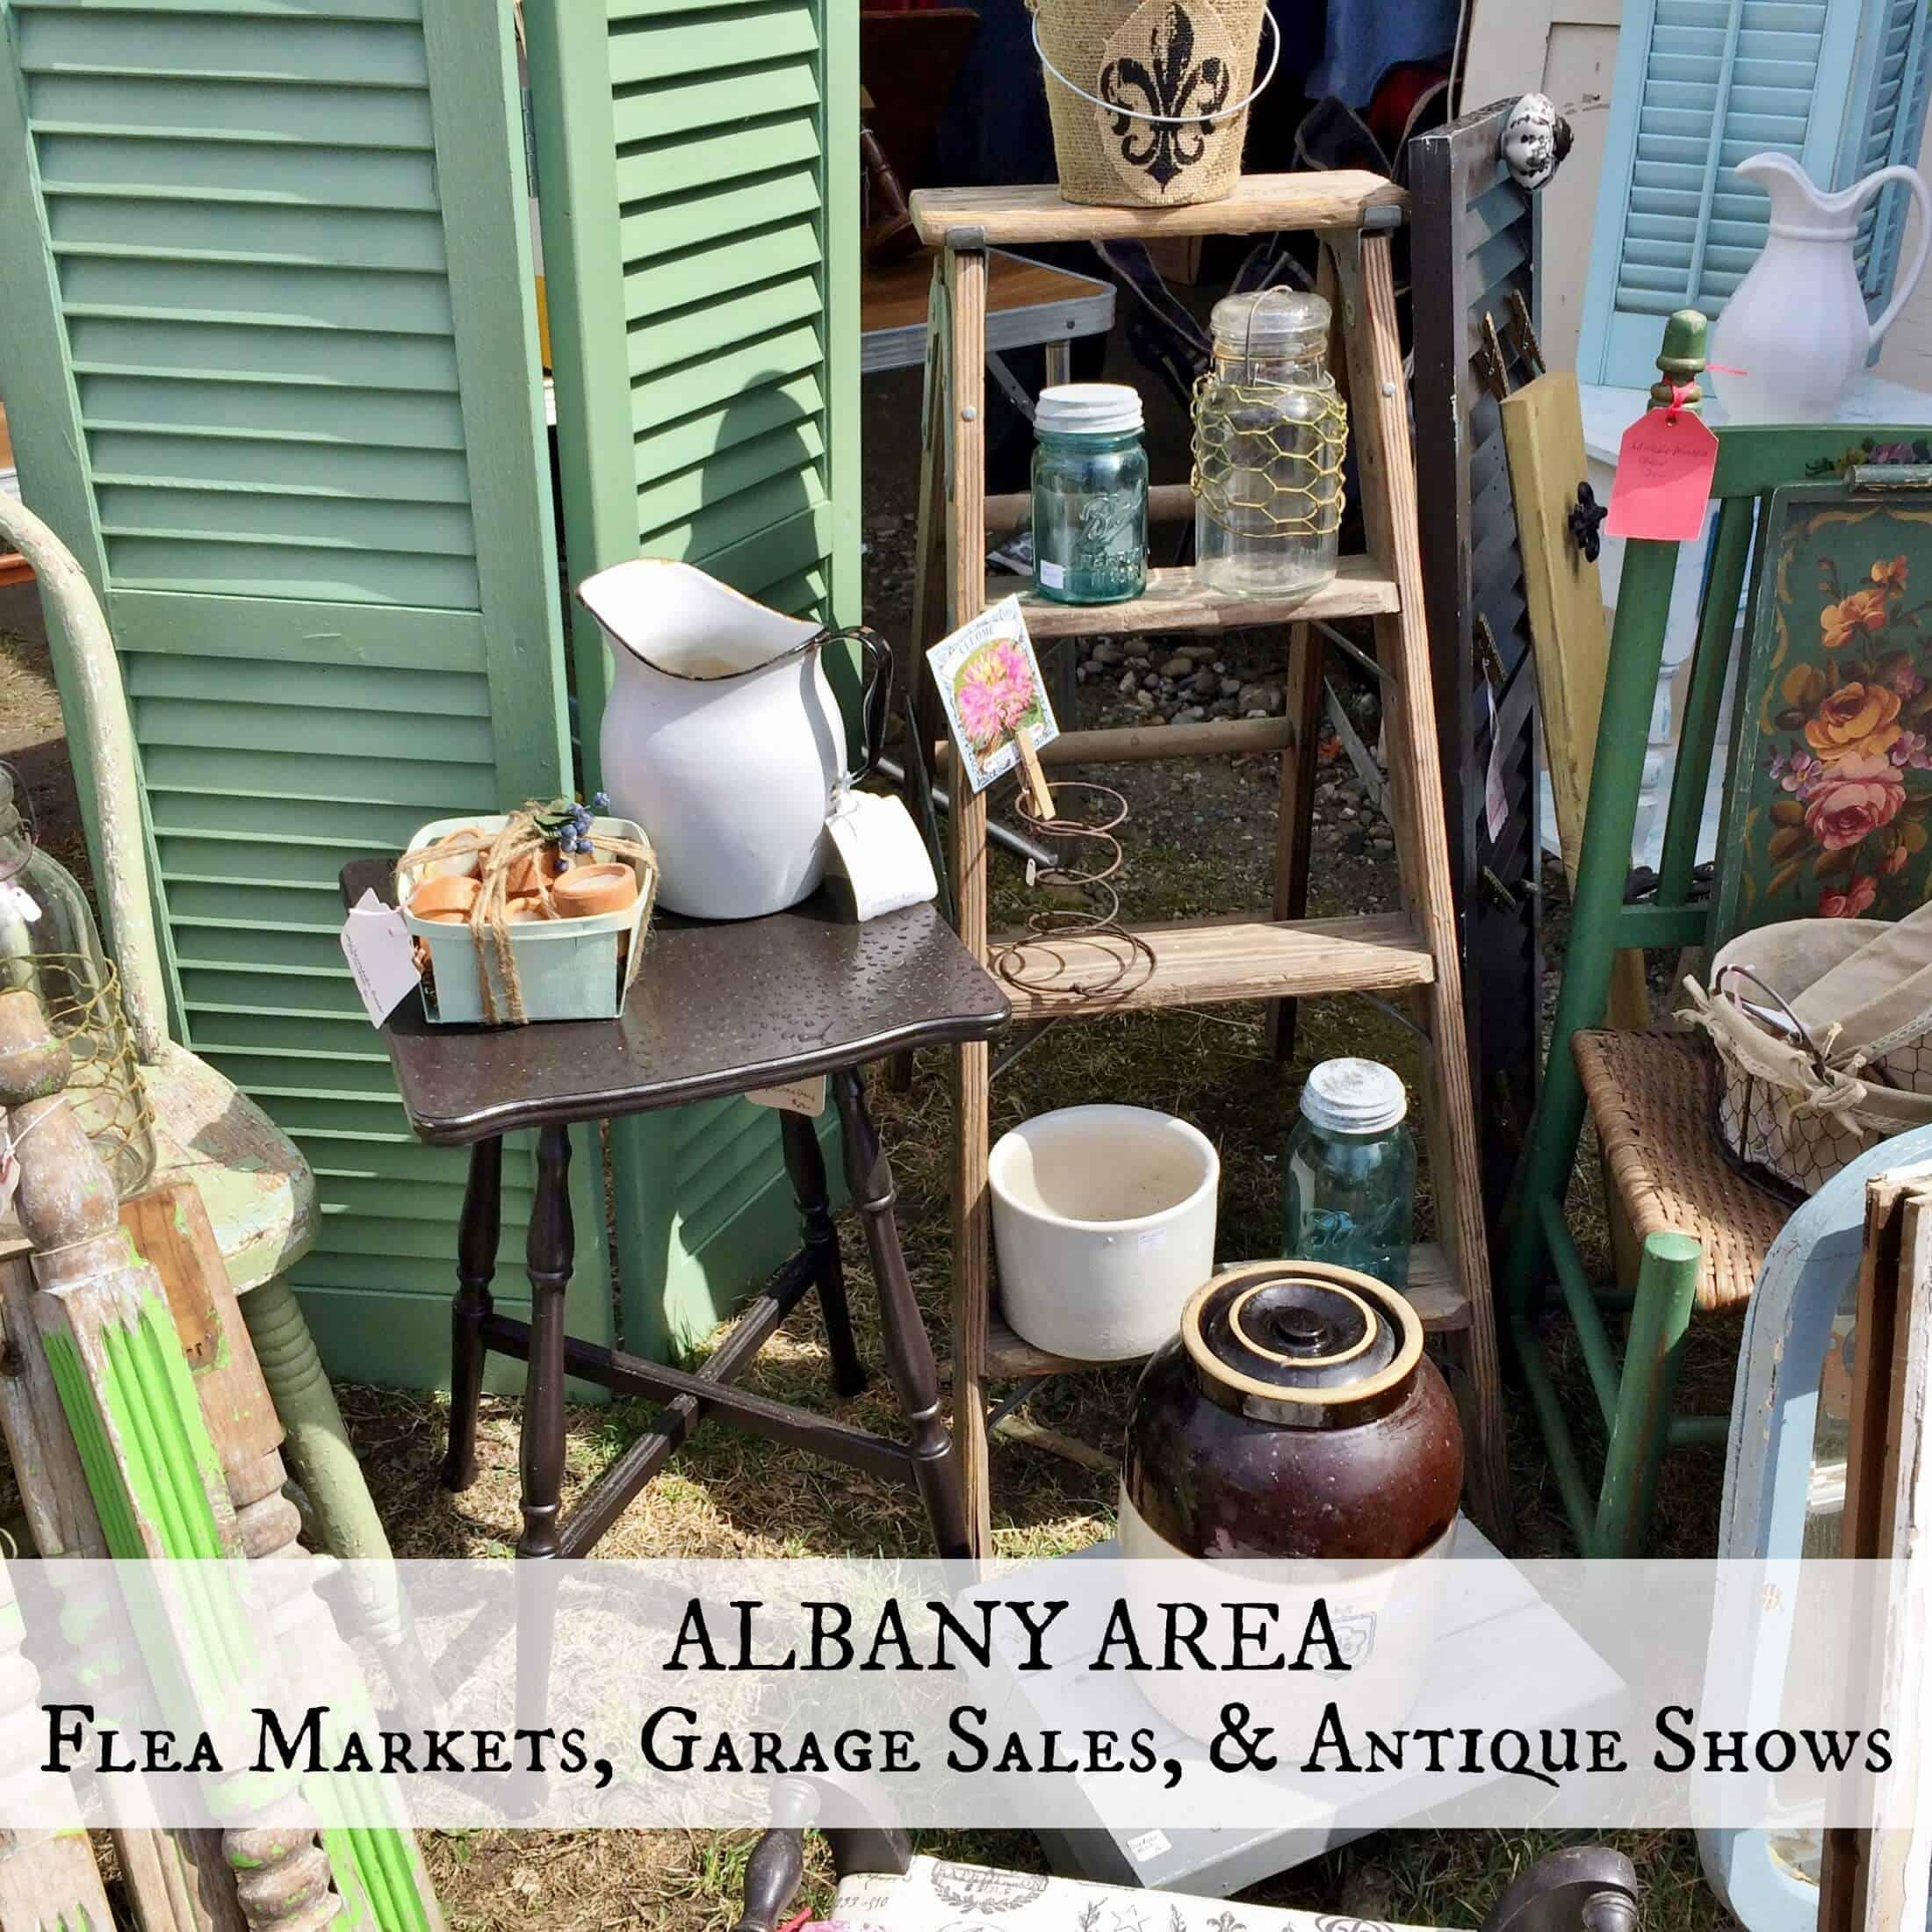 Albany Area Flea Markets, Garage Sales, Antique Shows